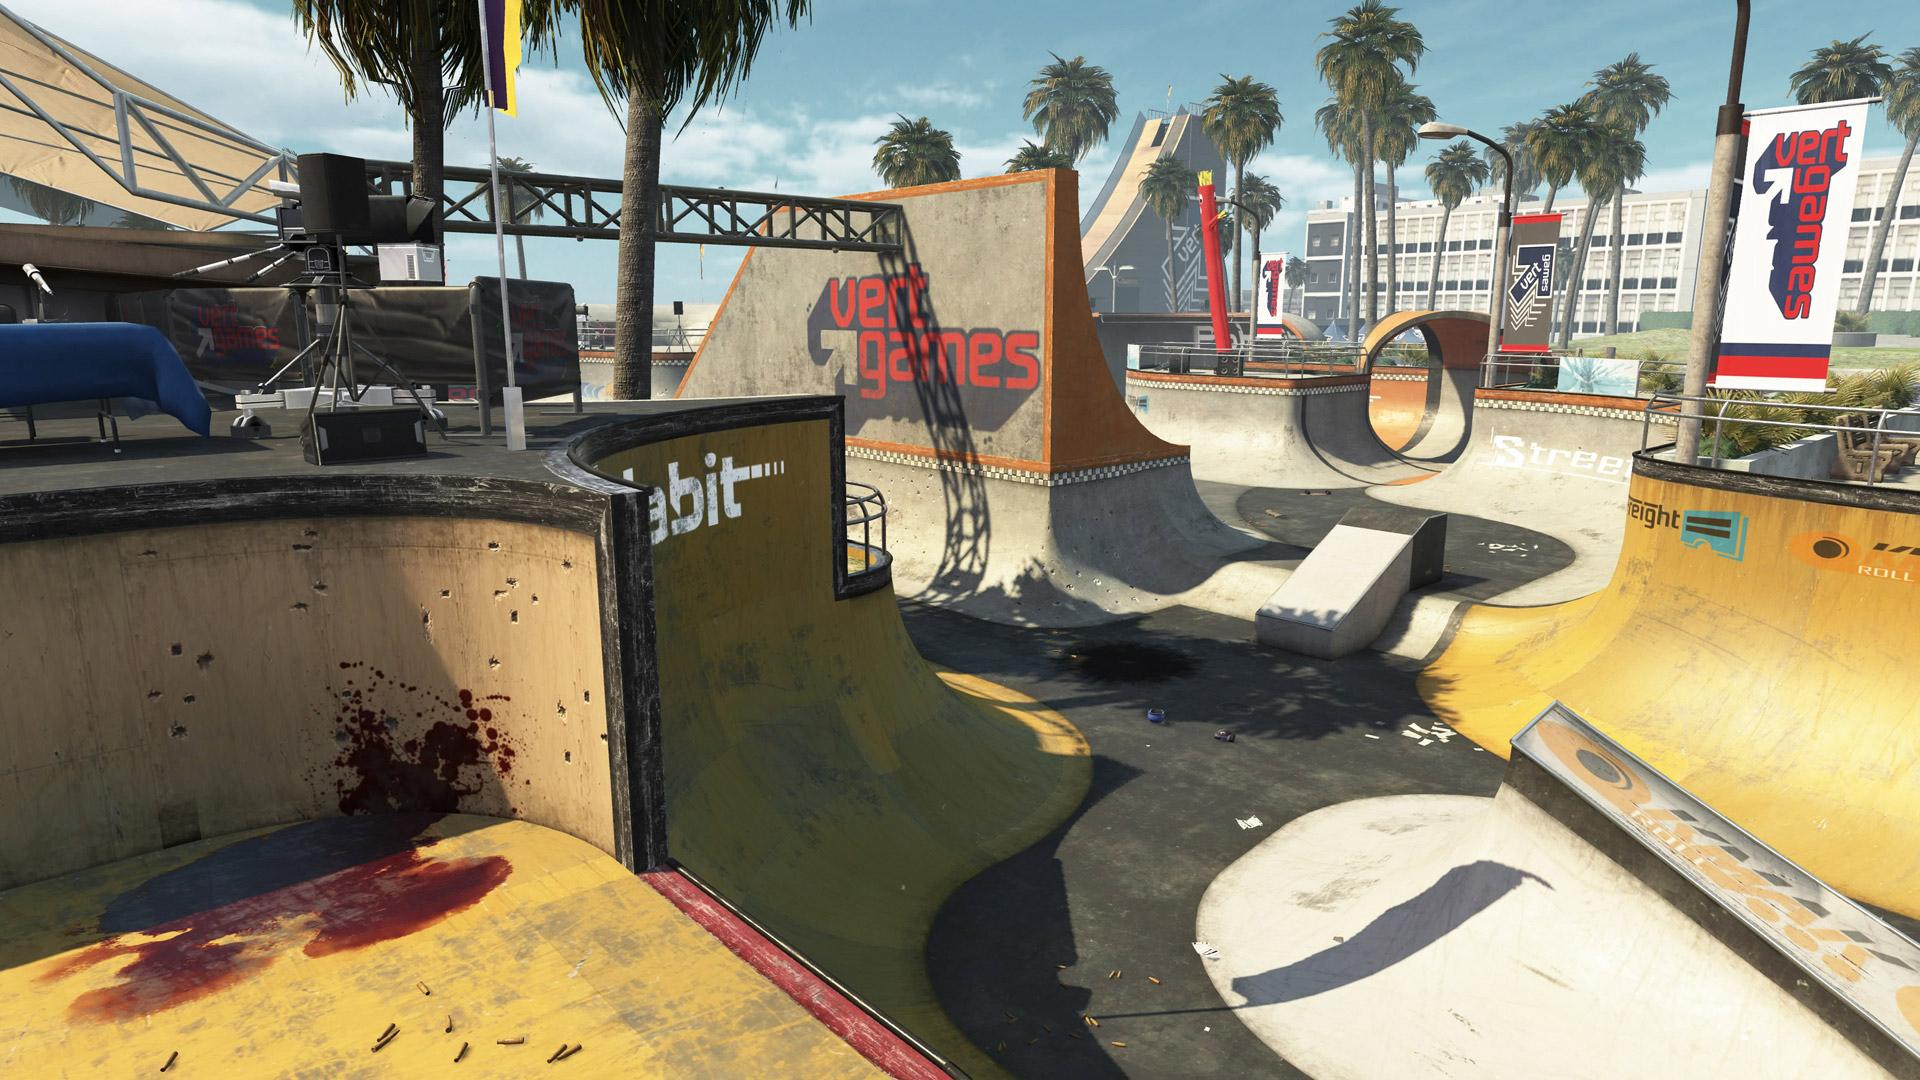 Call of Duty: Black Ops 2: Screenshot aus der DLC-Map Grind